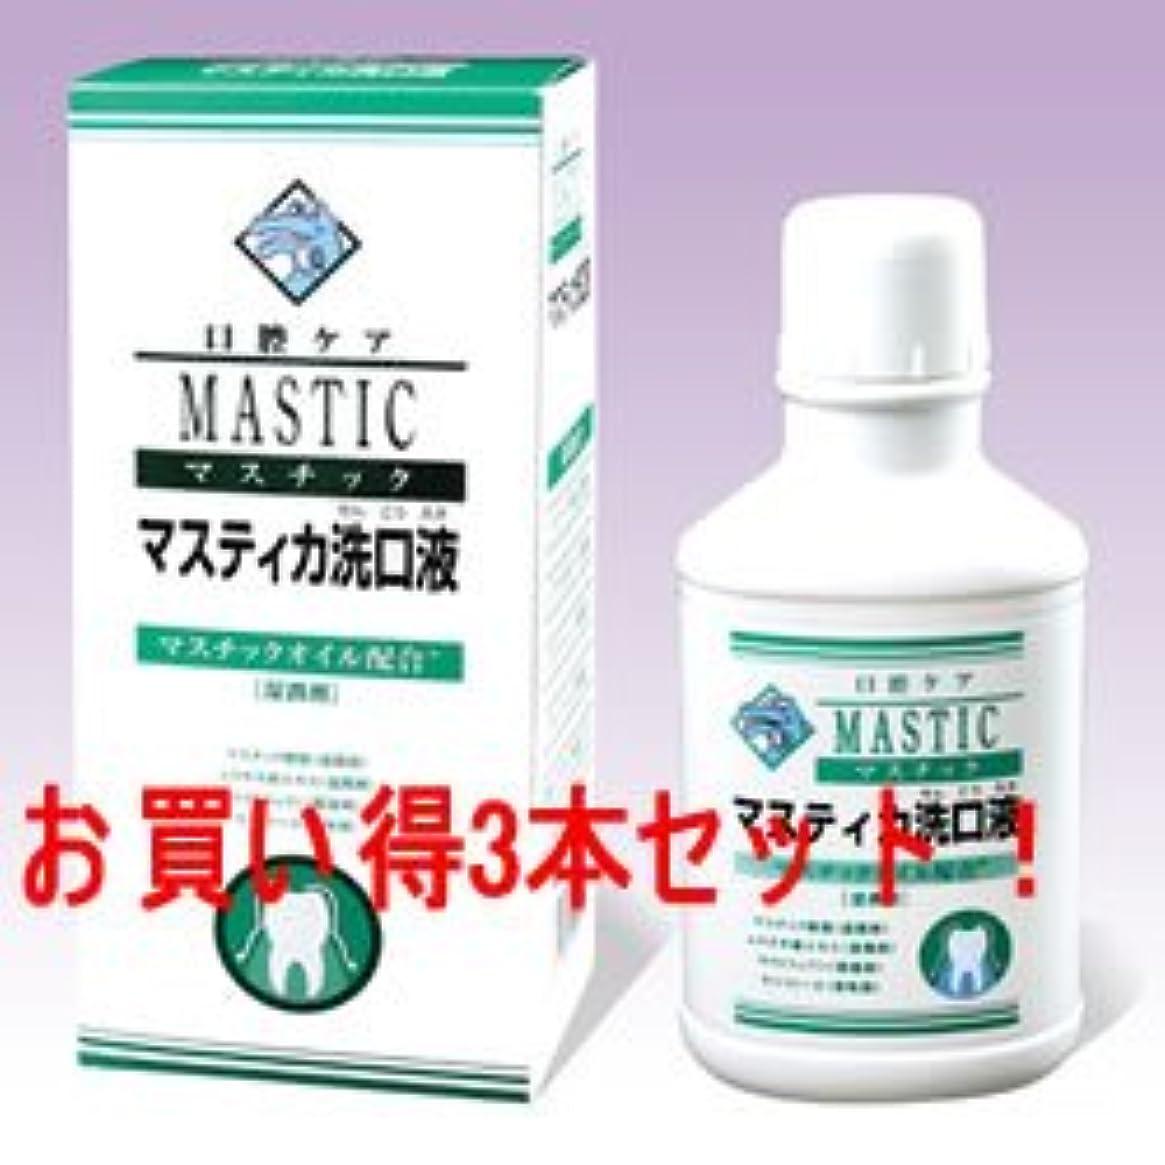 バー静けさクマノミマスチック マスティカ洗口液480ml(3本セット)